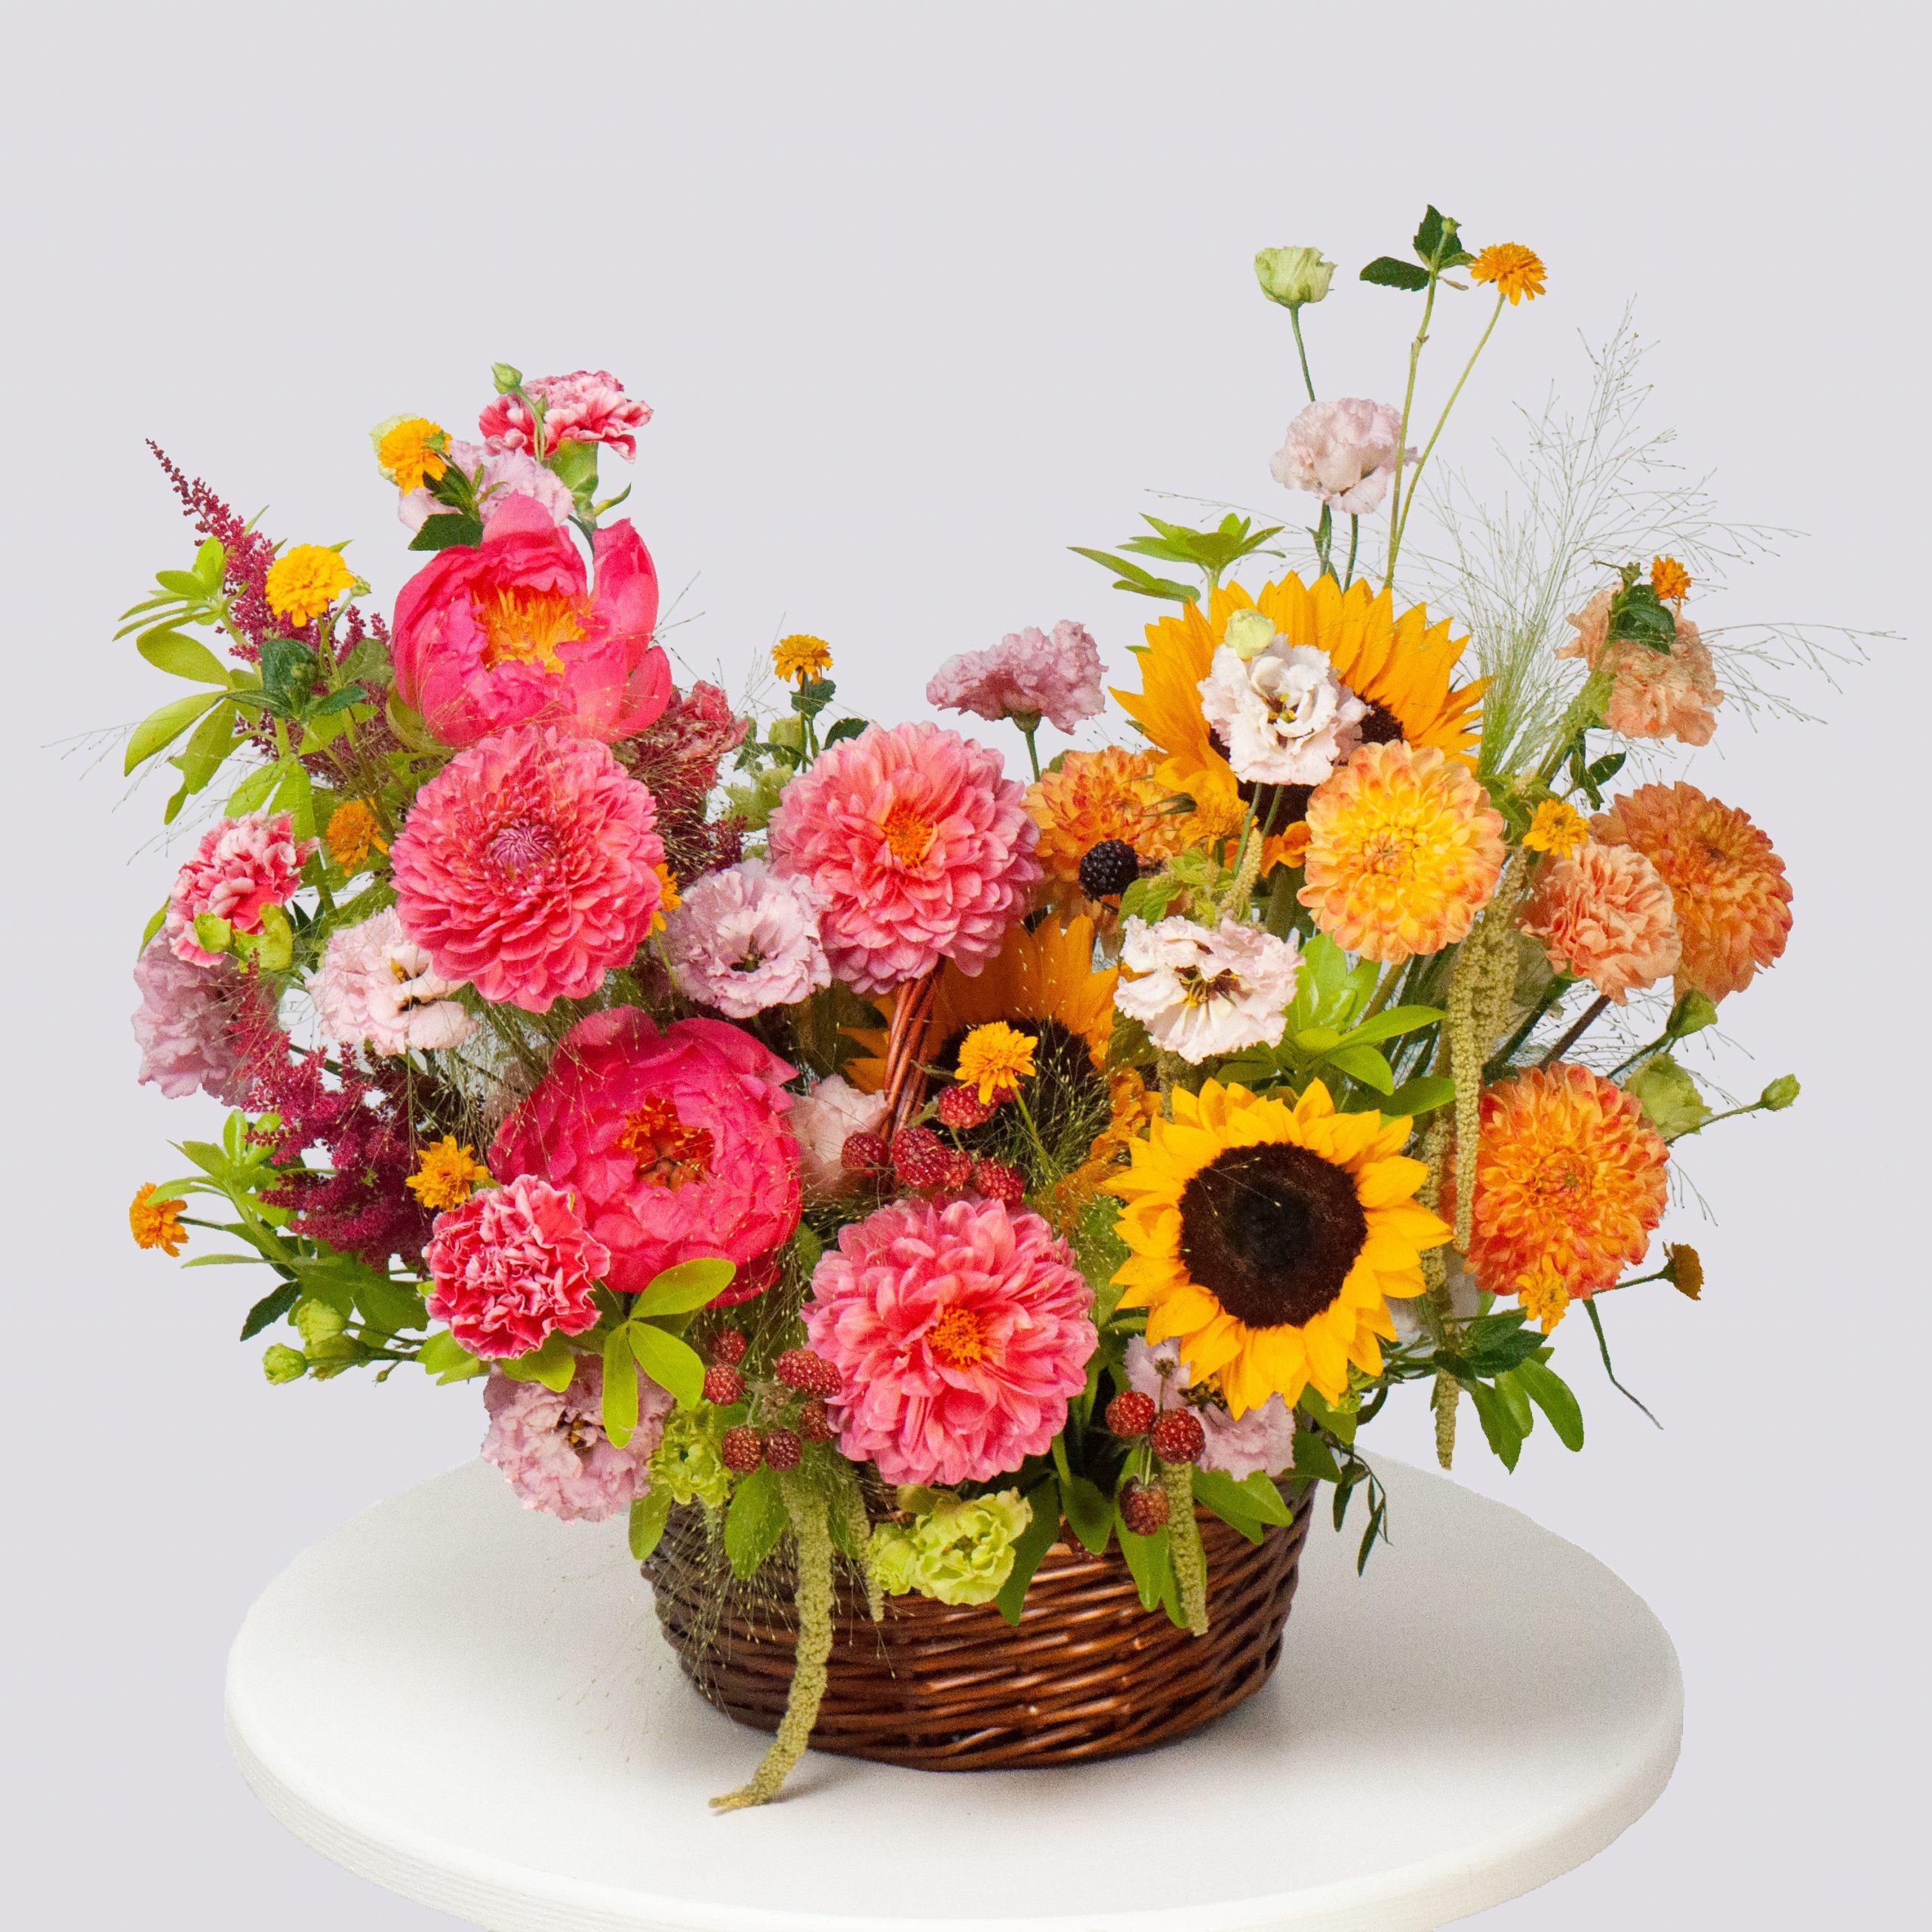 Корзина с подсолнухом №9 - купить цветы в Санкт Петербурге